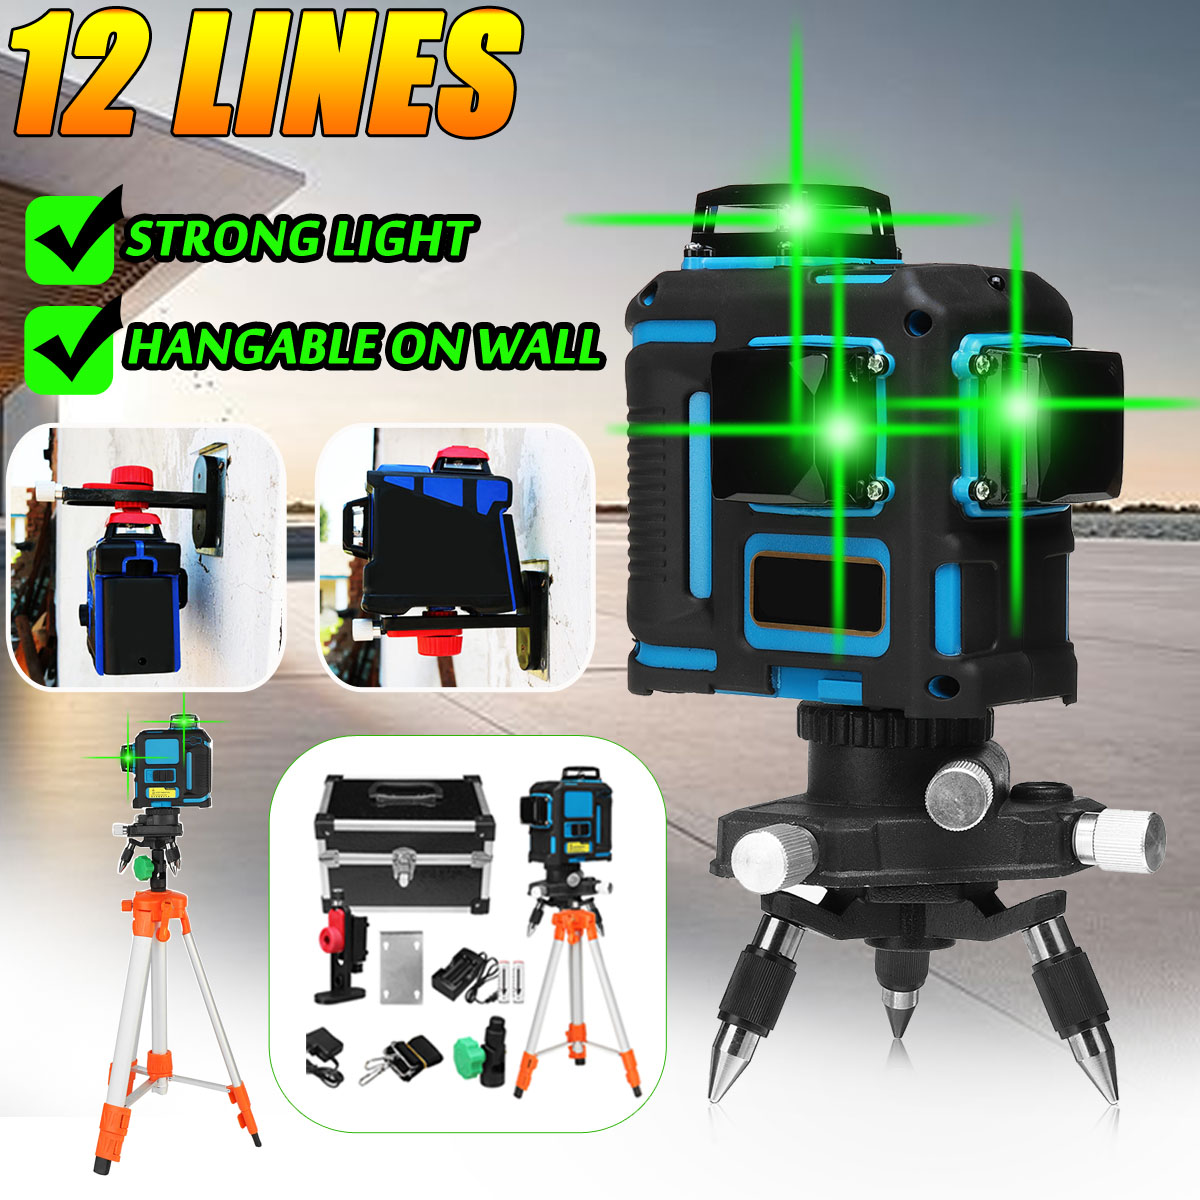 Zeast Professionnel 12 Lignes 360 3D Vert Laser Niveau Auto Nivellement Horizontal ligne verticale Niveaux Avec Trépieds ensemble d'outils Cas